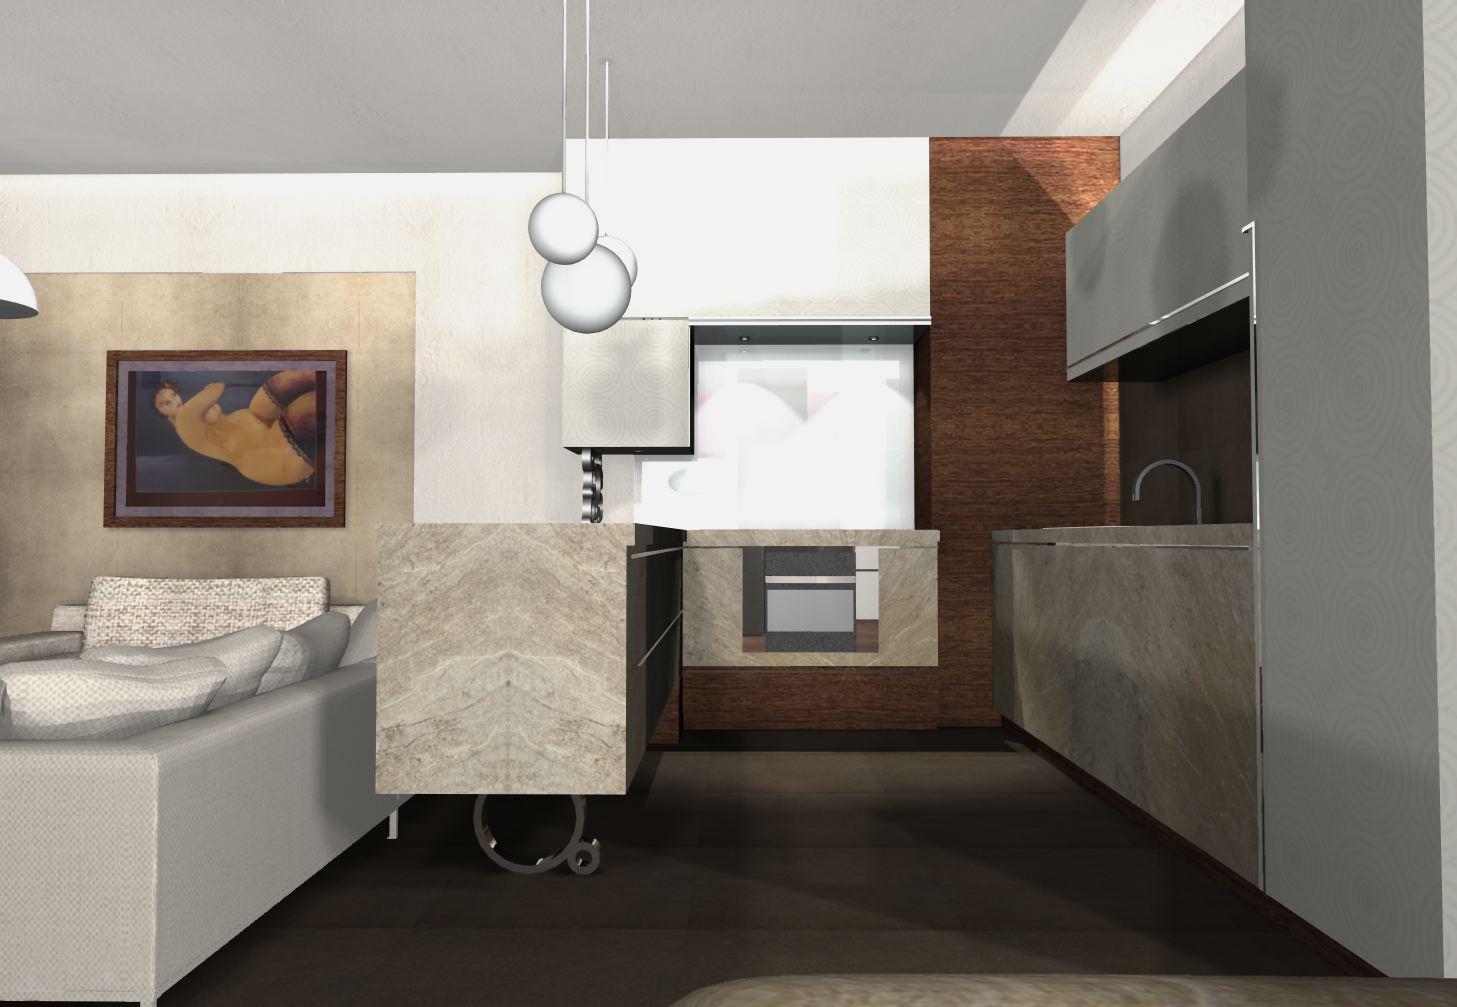 projekty kuchni nowoczesnych kuchnie na wymiarsalon-nowoczesny